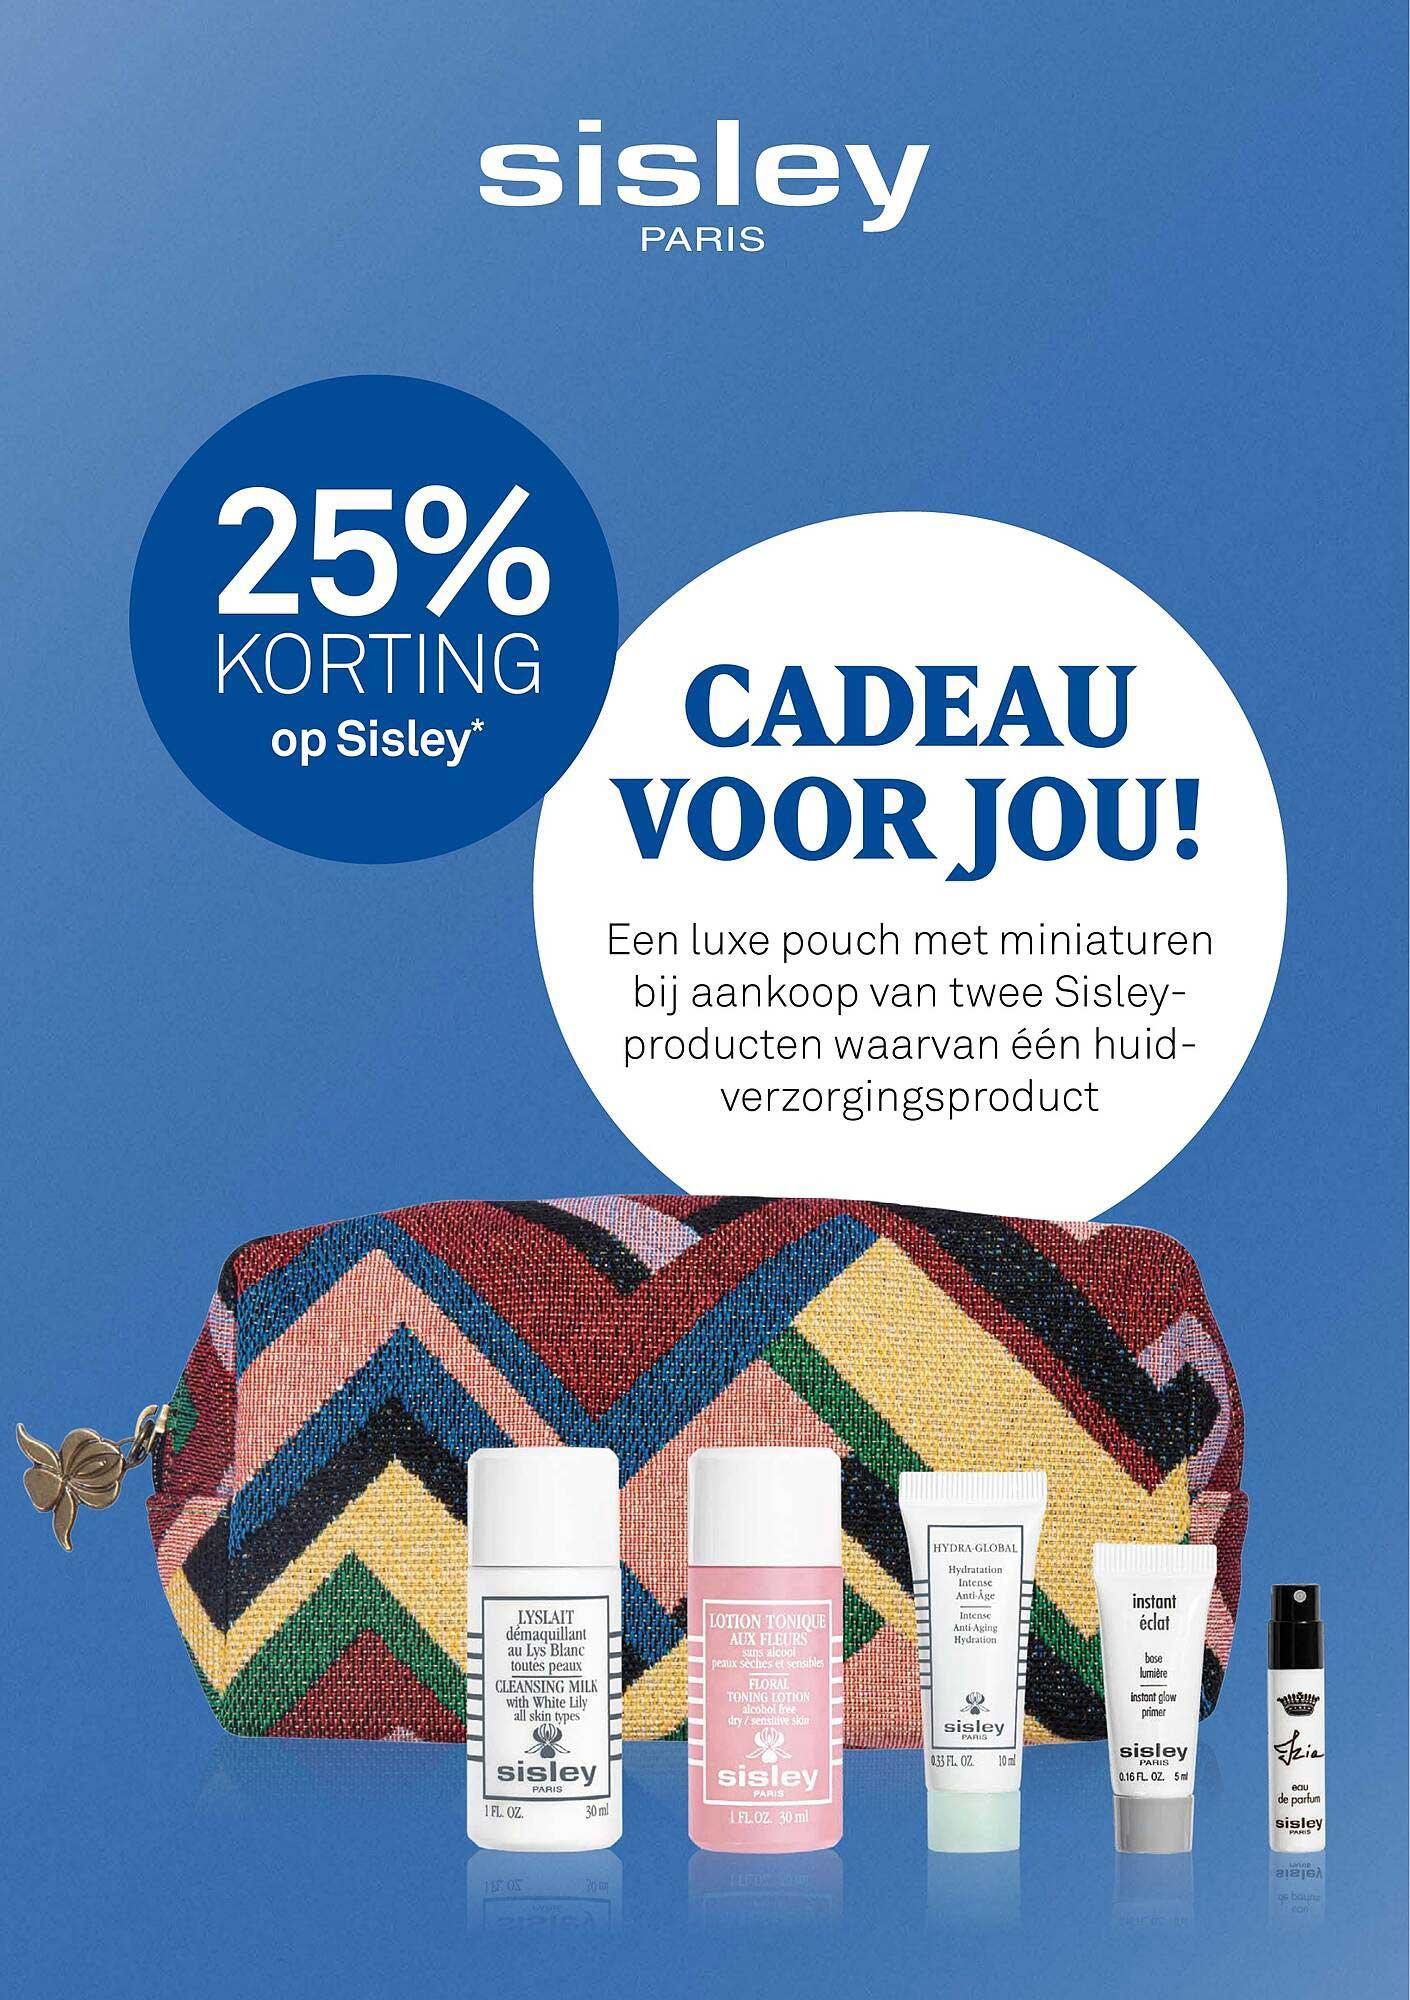 MOOI Parfumerie Op Sisley 25% Korting